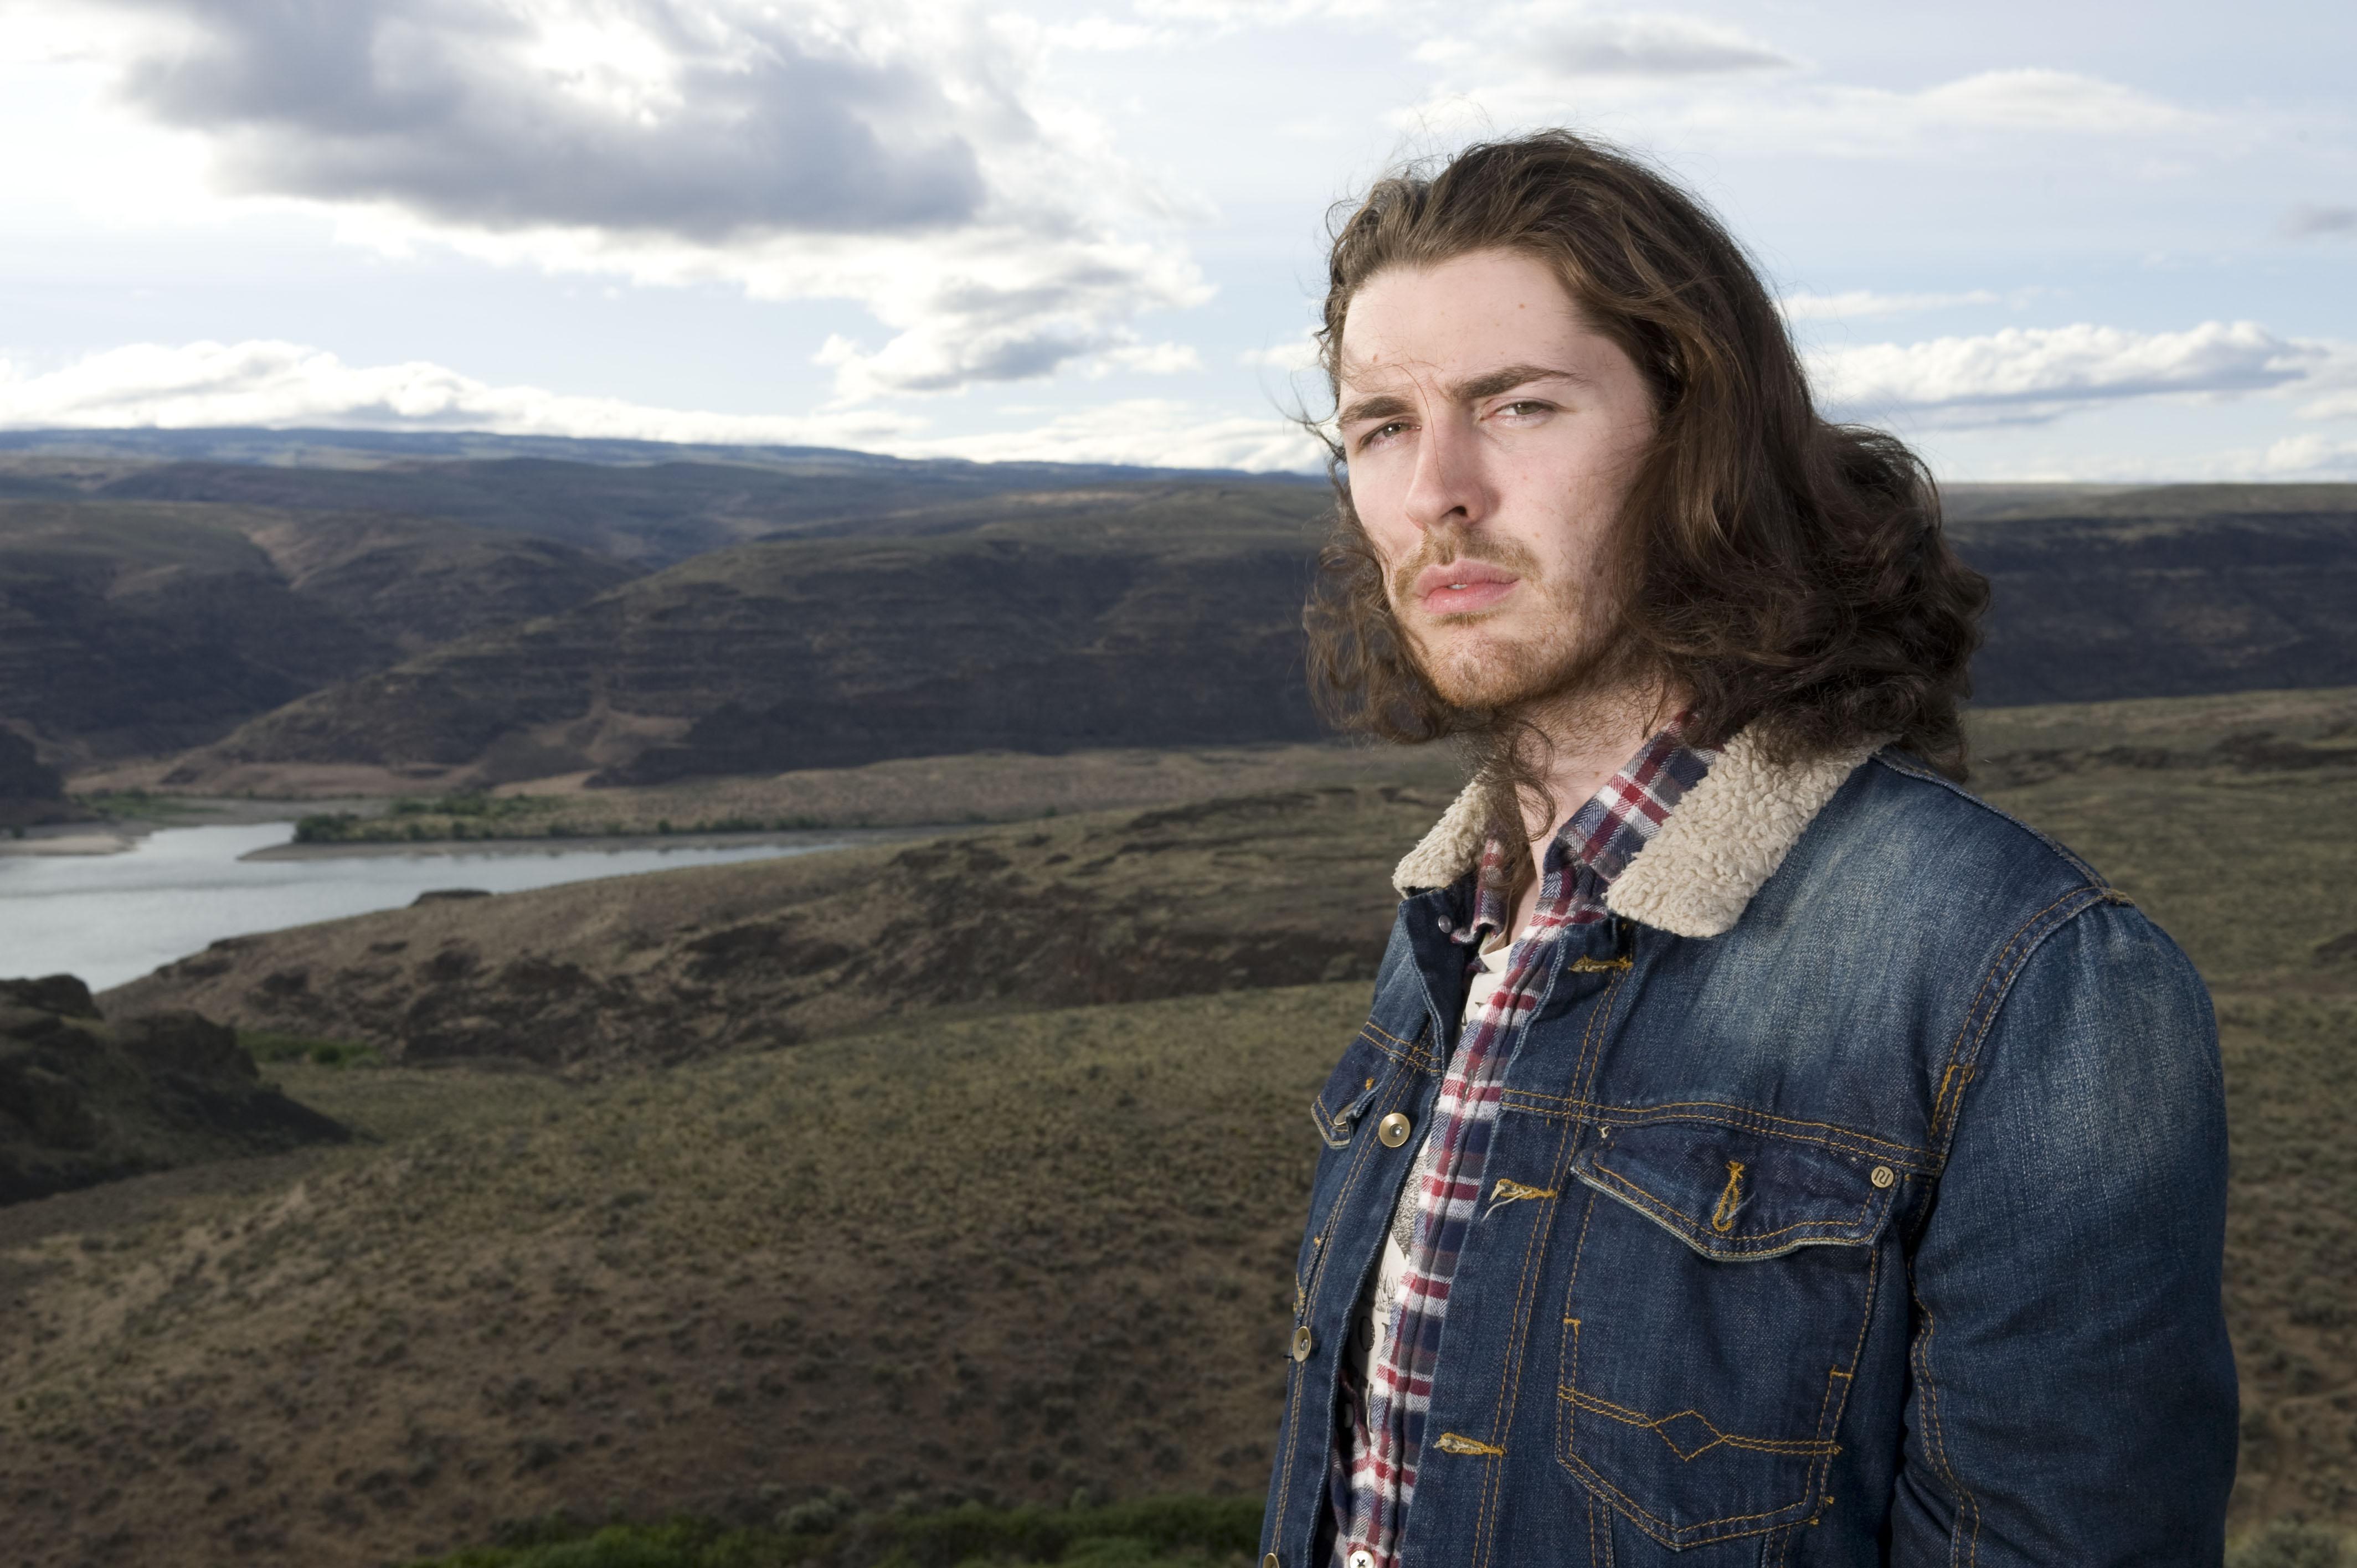 Andrew Hozier-Byrne of Hozier.